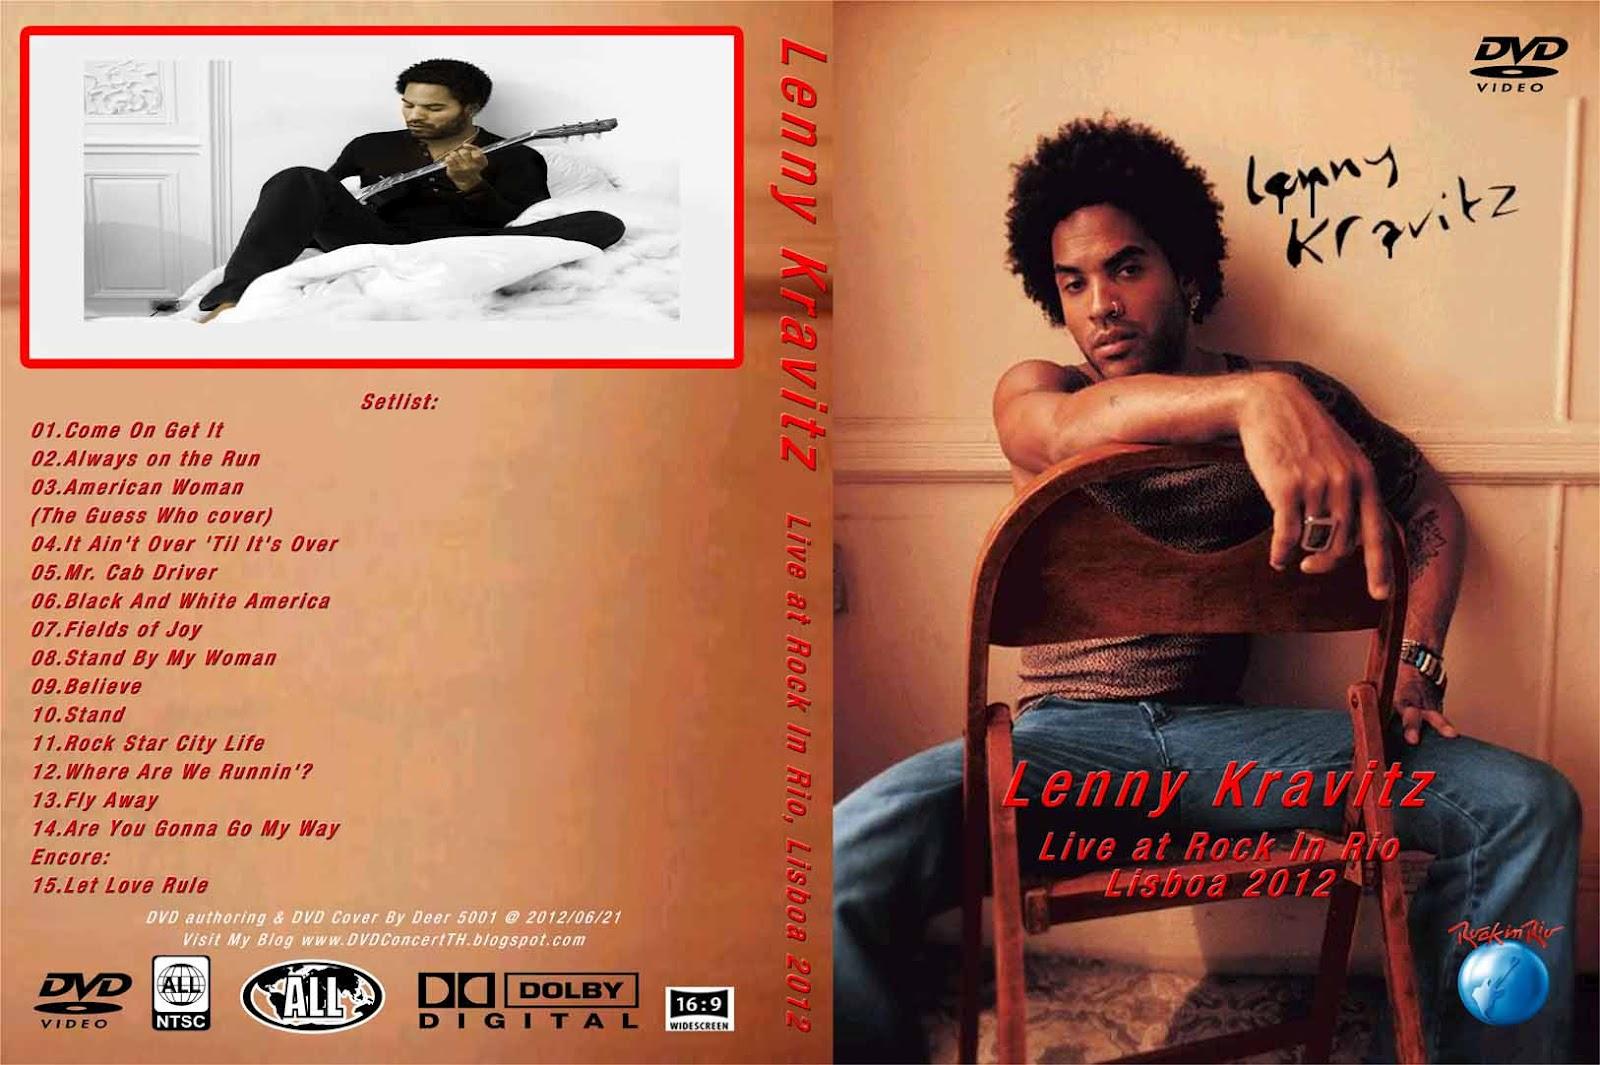 http://4.bp.blogspot.com/-e-srr_Go4UQ/T-akWnUZ3SI/AAAAAAAAGZA/AZ3oqvm3QtA/s1600/DVD+Cover+Lenny+Kravitz+-+2012+-+Rock+In+Rio+-+Lisbon.jpg